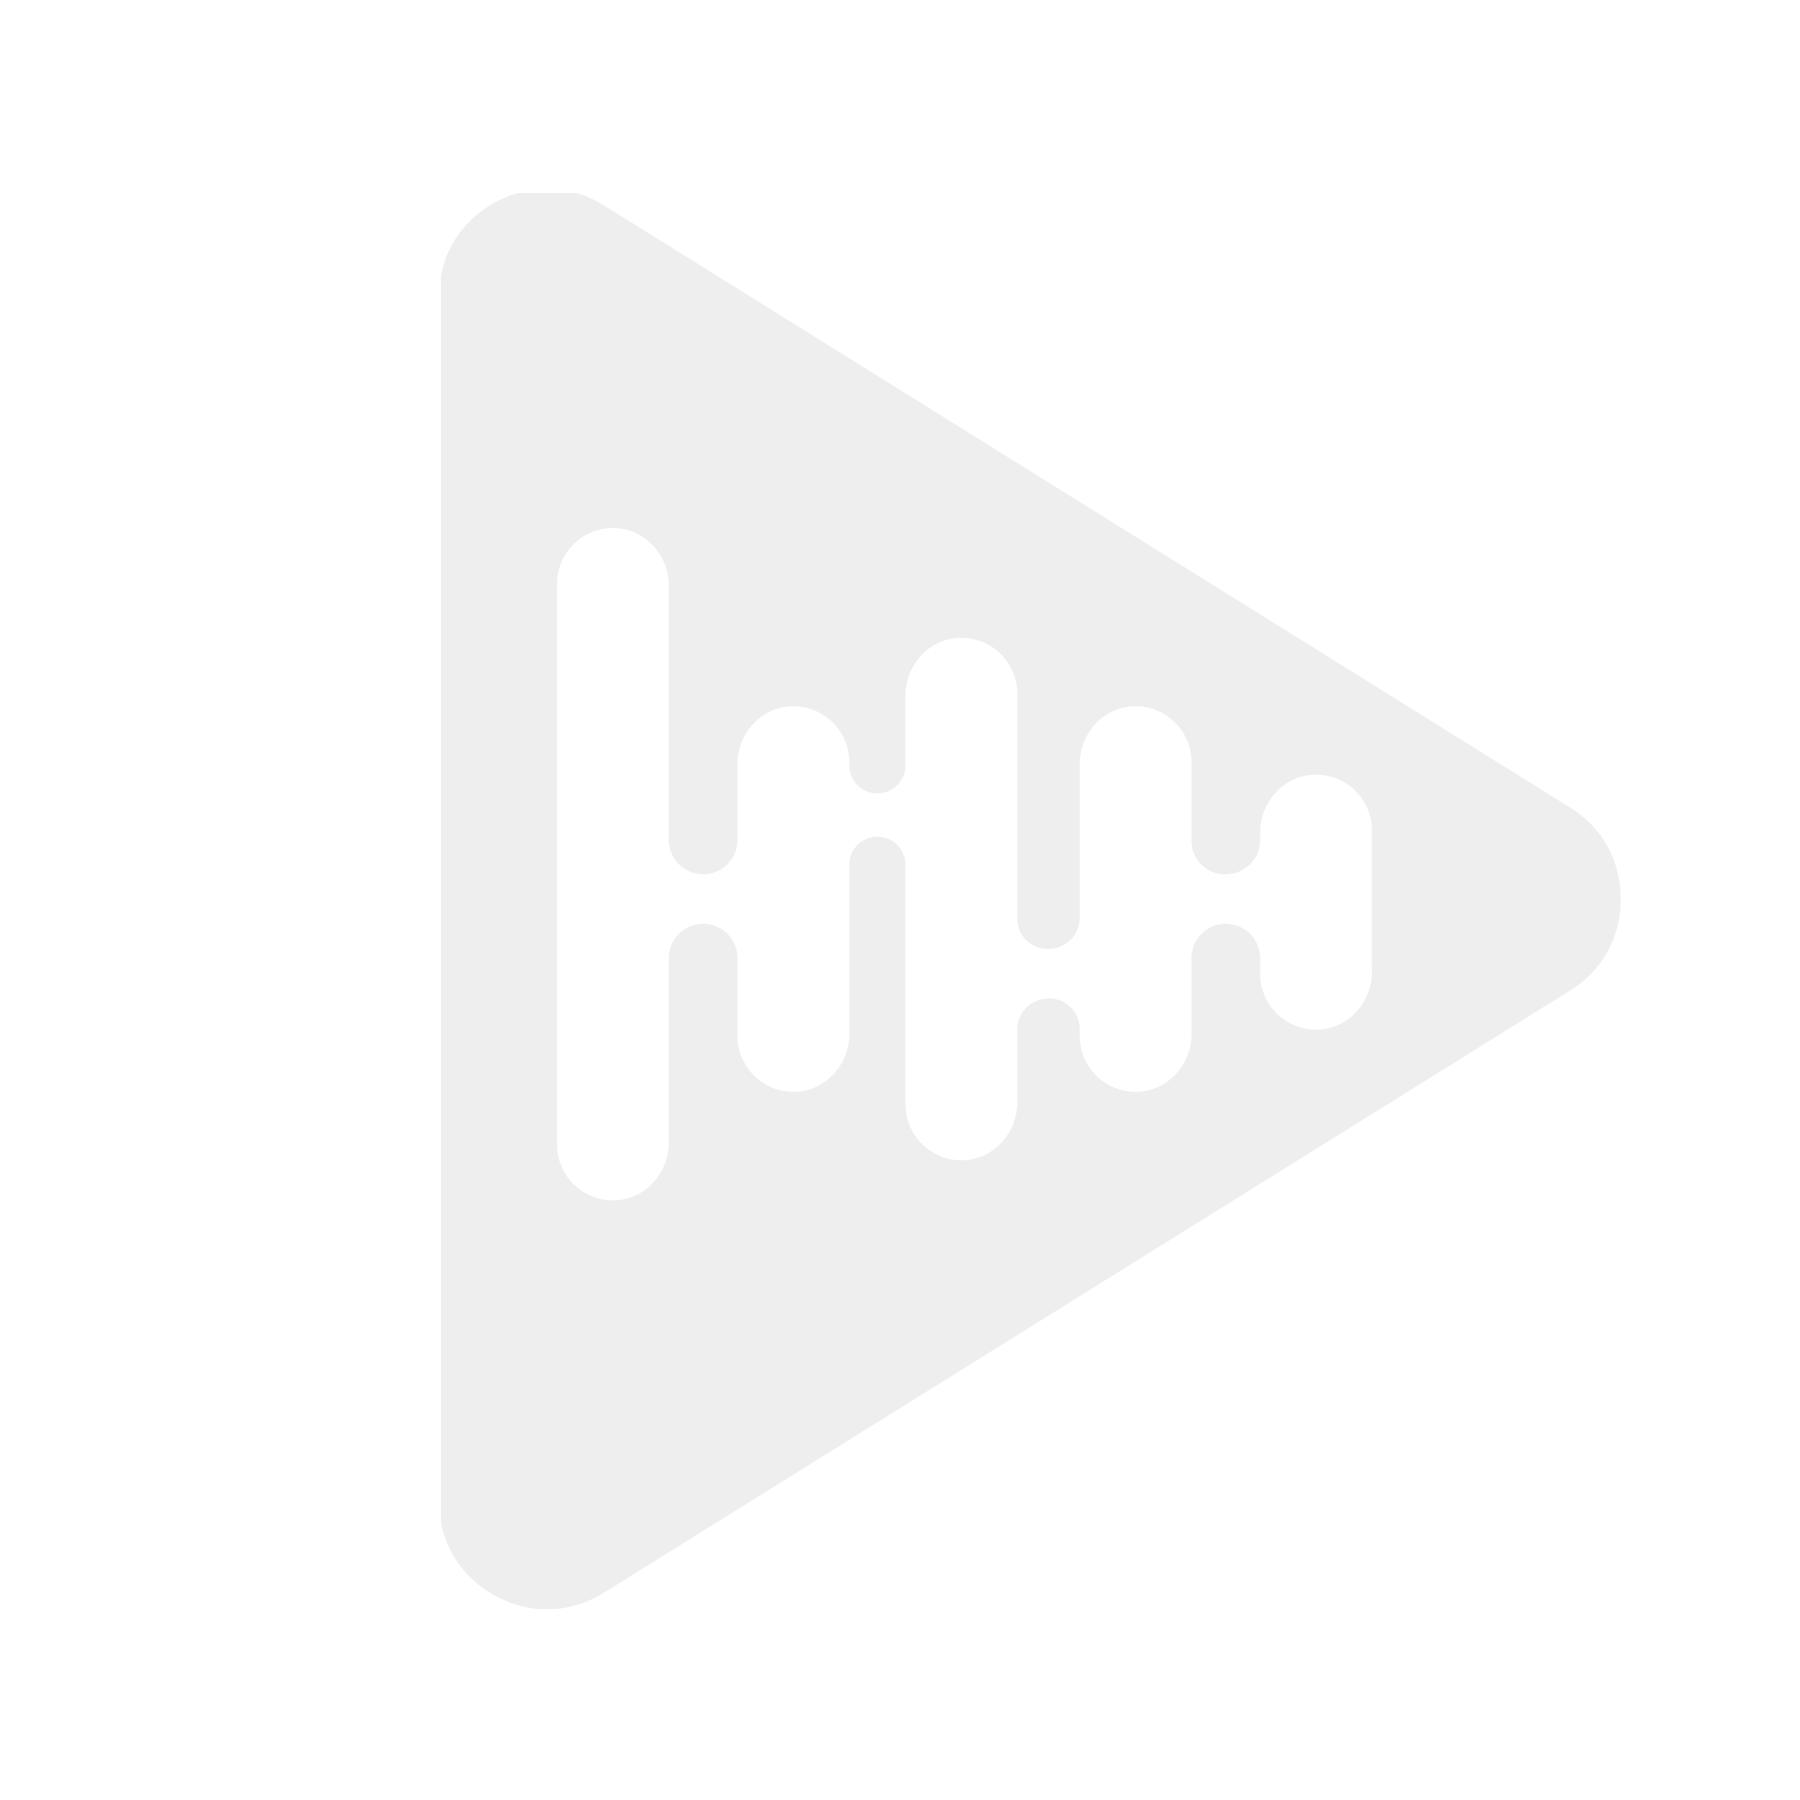 ACV 42SSK003